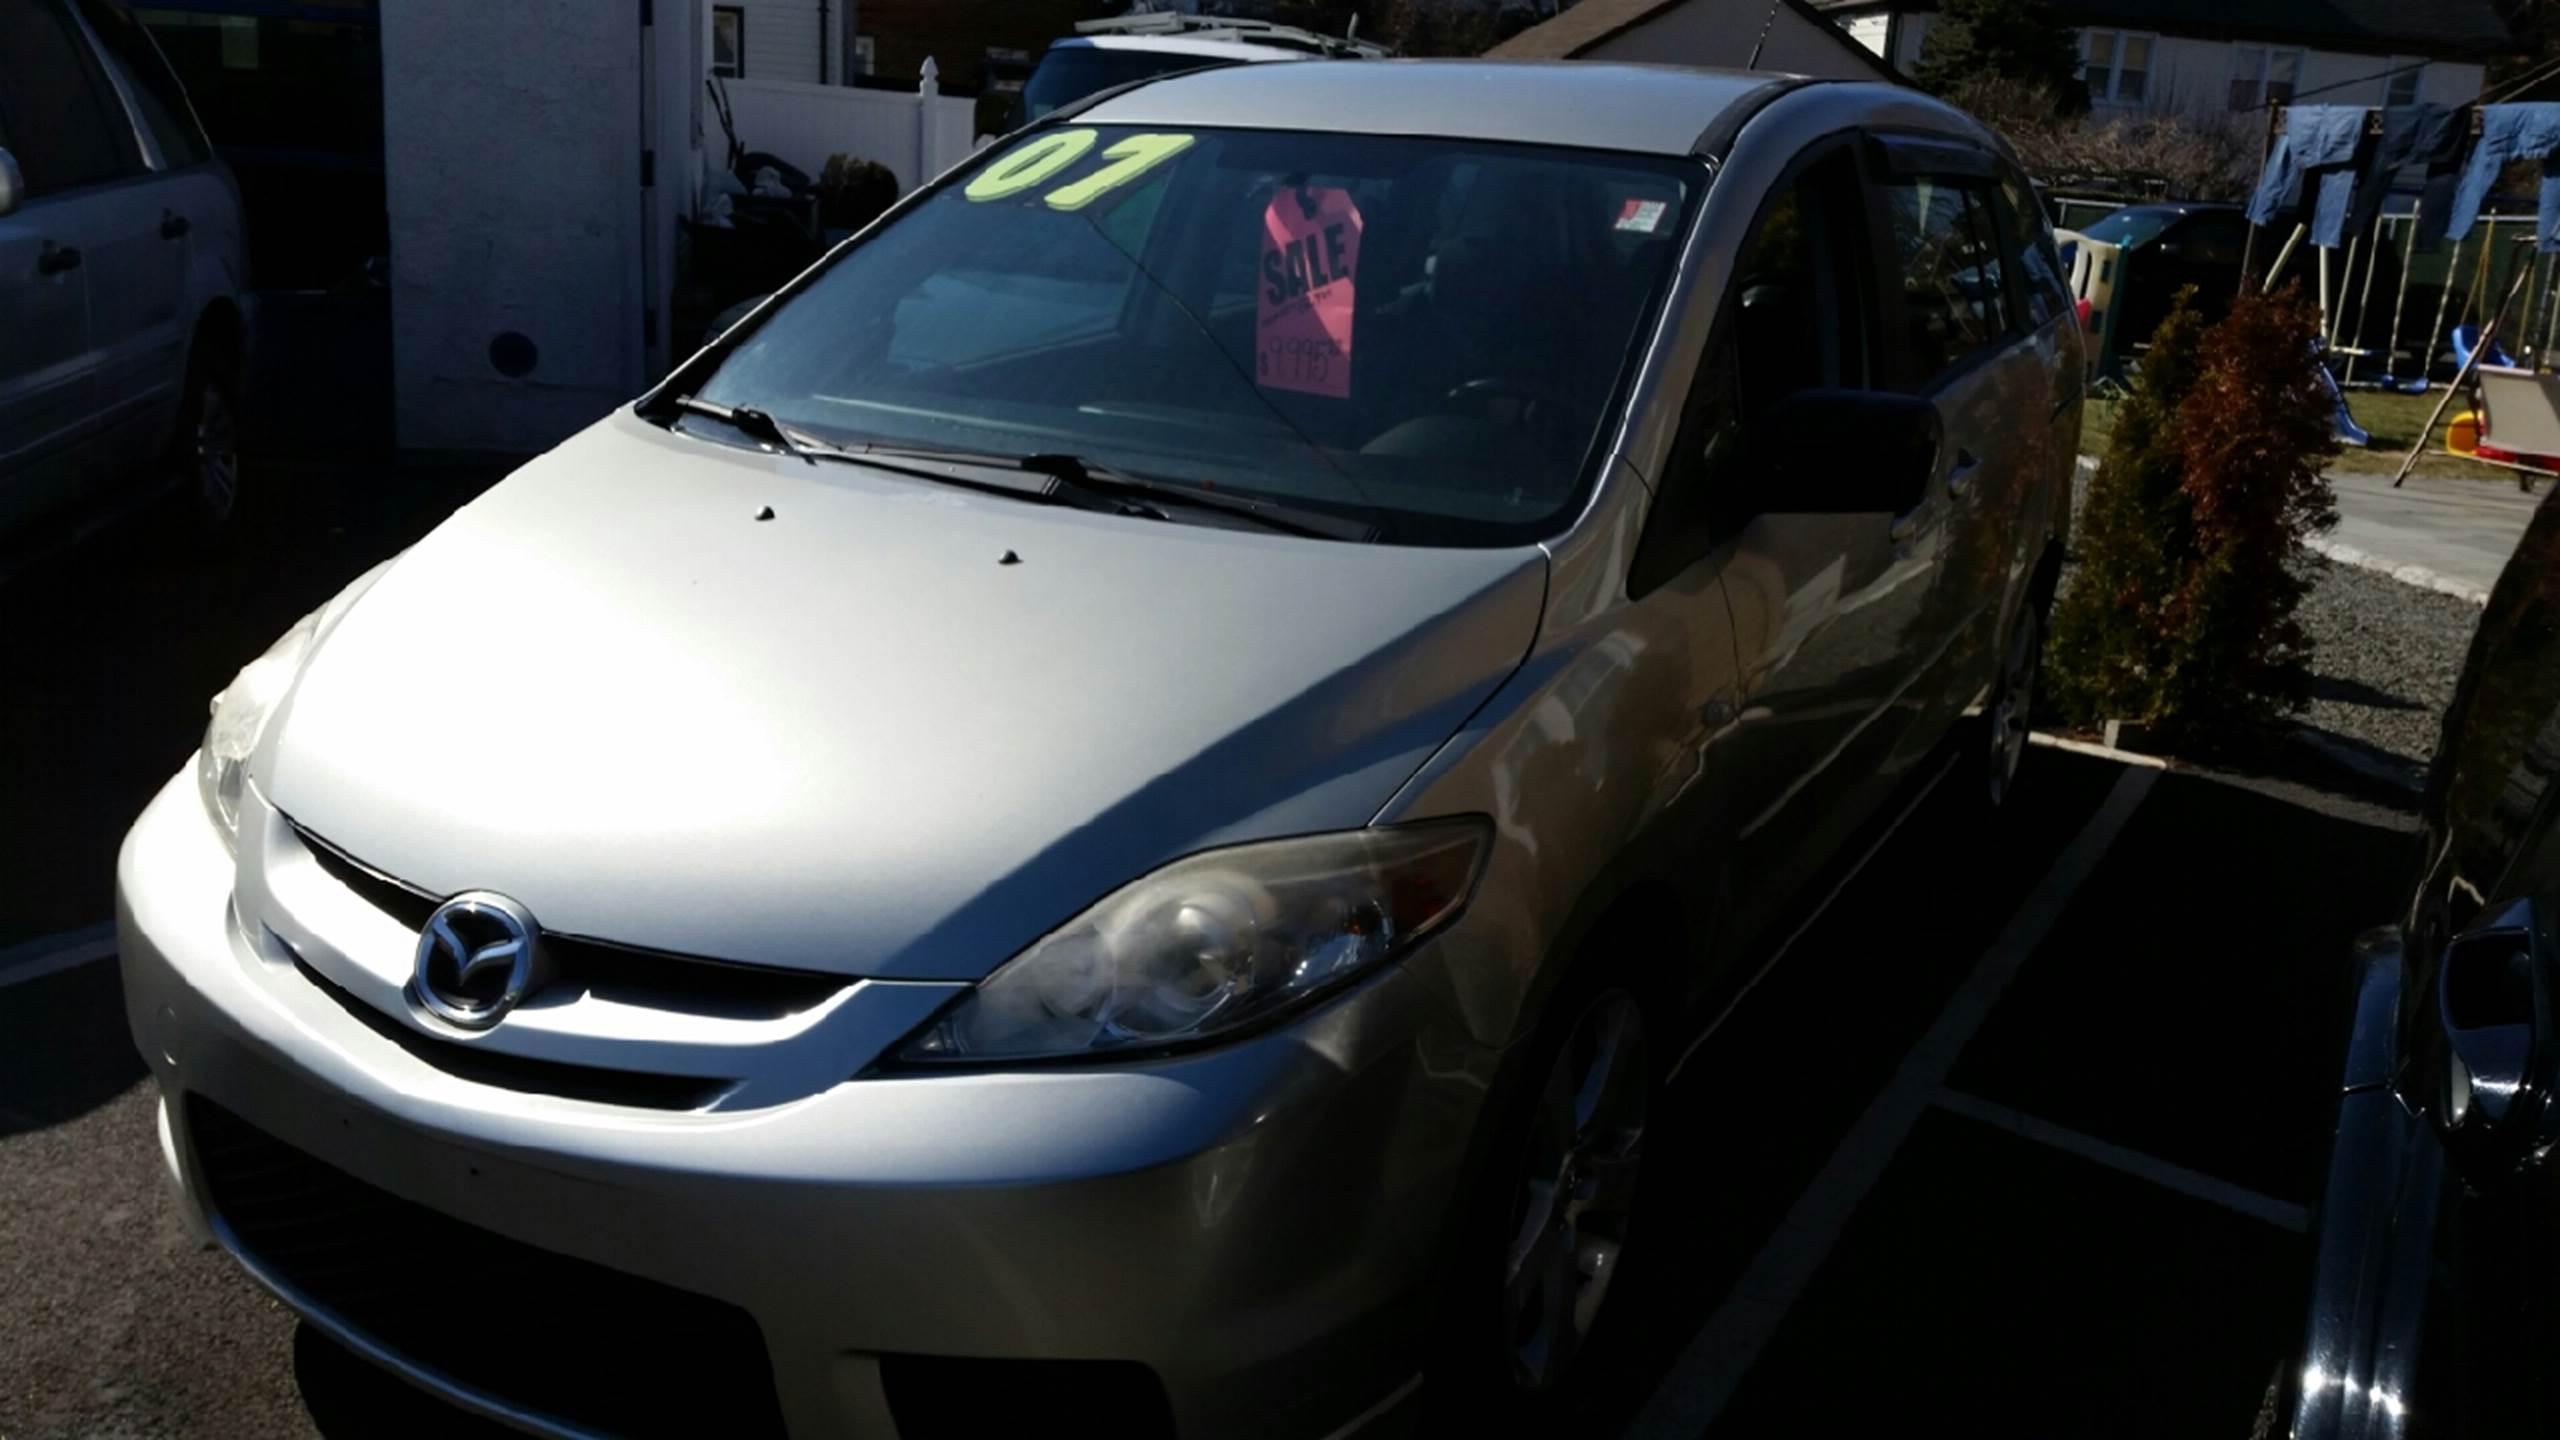 Mazda MAZDA5 For Sale in Yonkers, NY - Carsforsale.com